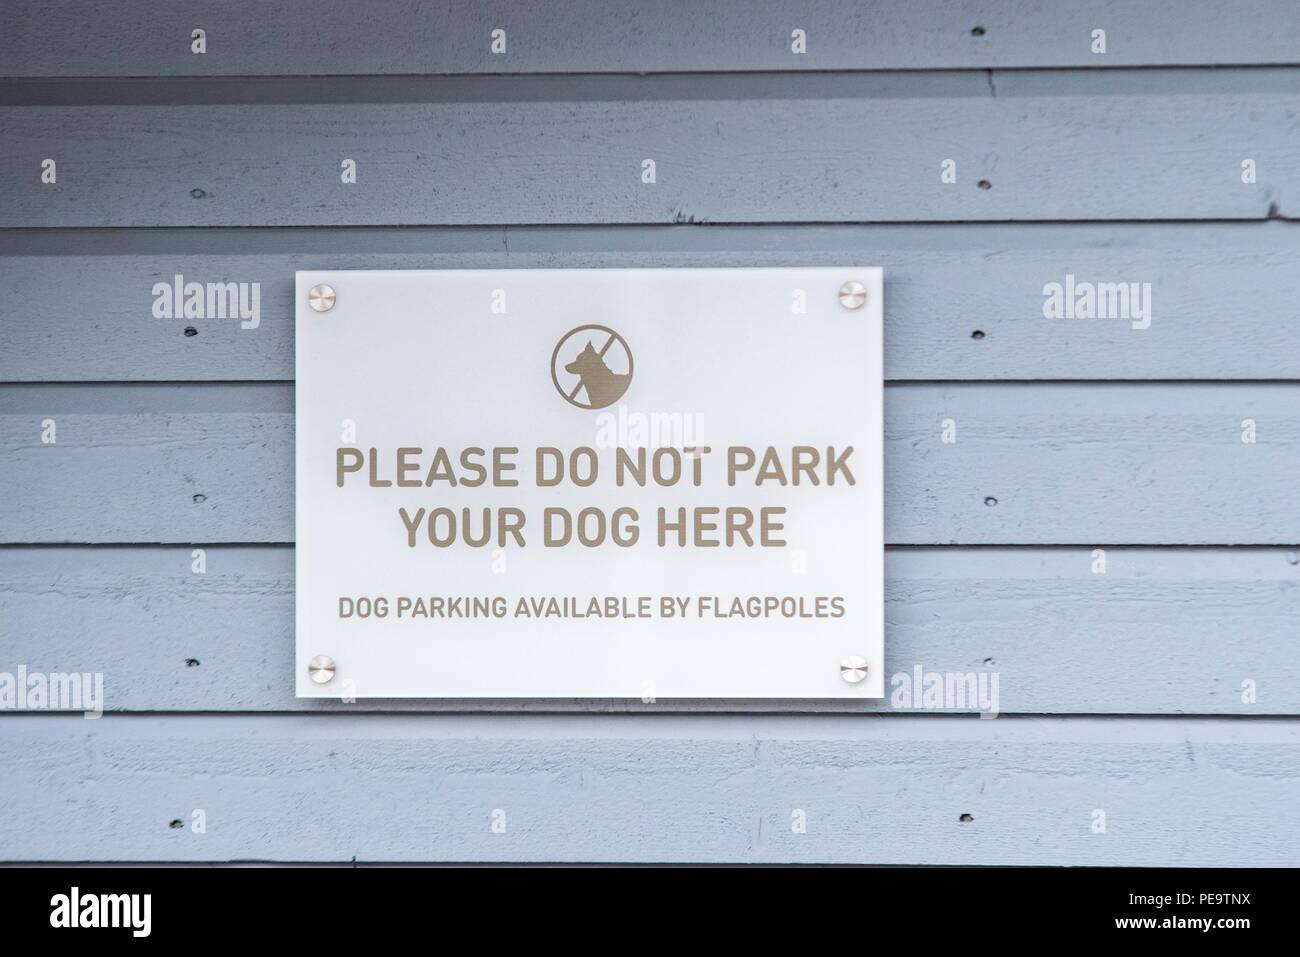 Parken Sie nicht ihre Hunde hier anmelden, auf der Seite der ein Hotel, ein Unterschied im Lebensstil, wo die Hunde sind wesentliche Transport, wenn der Winter Monate Stockbild